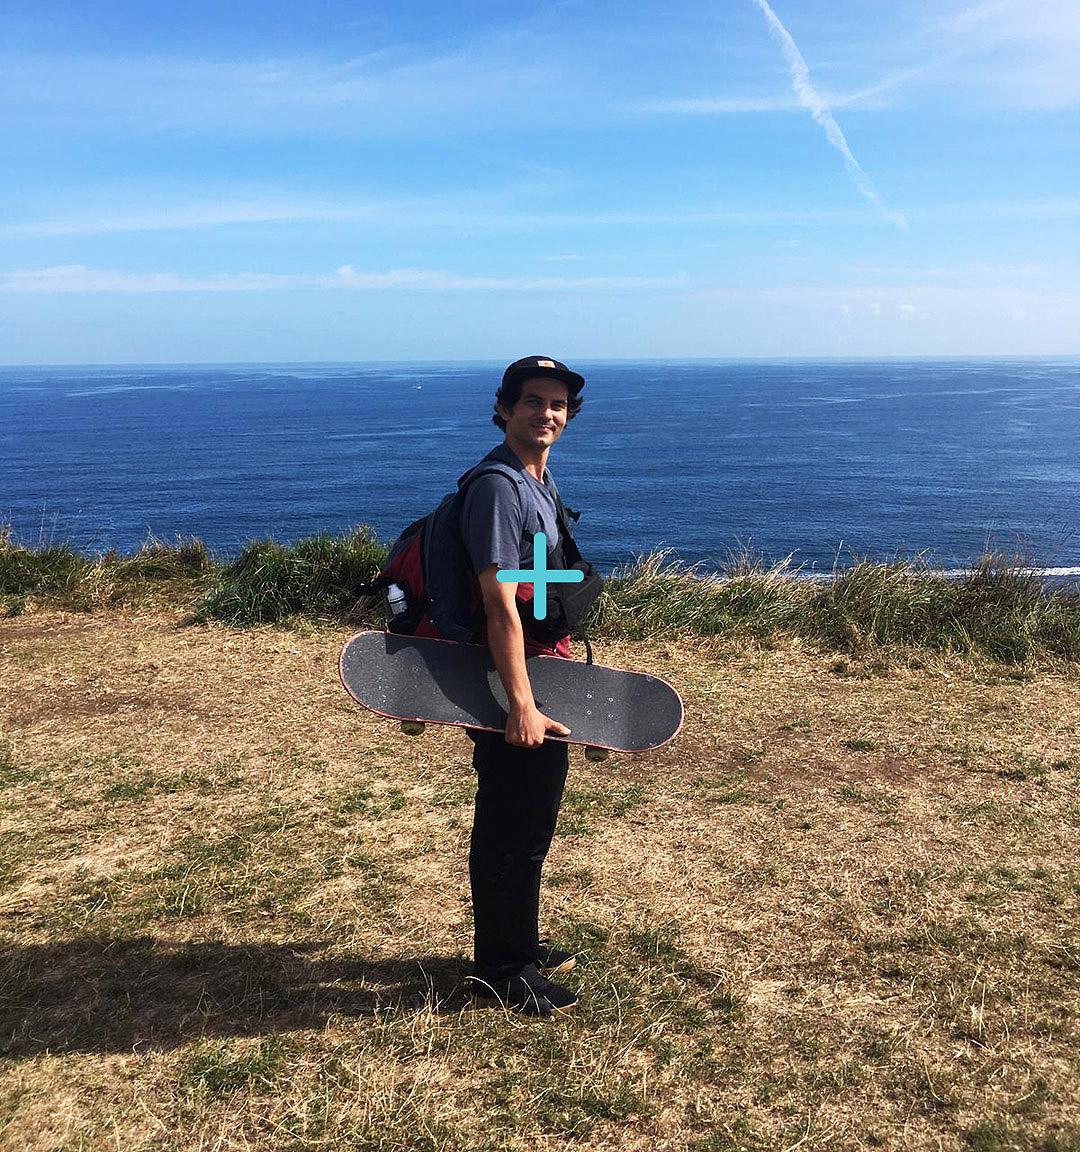 Marcos Fazzani monitor de skate panorama retrato